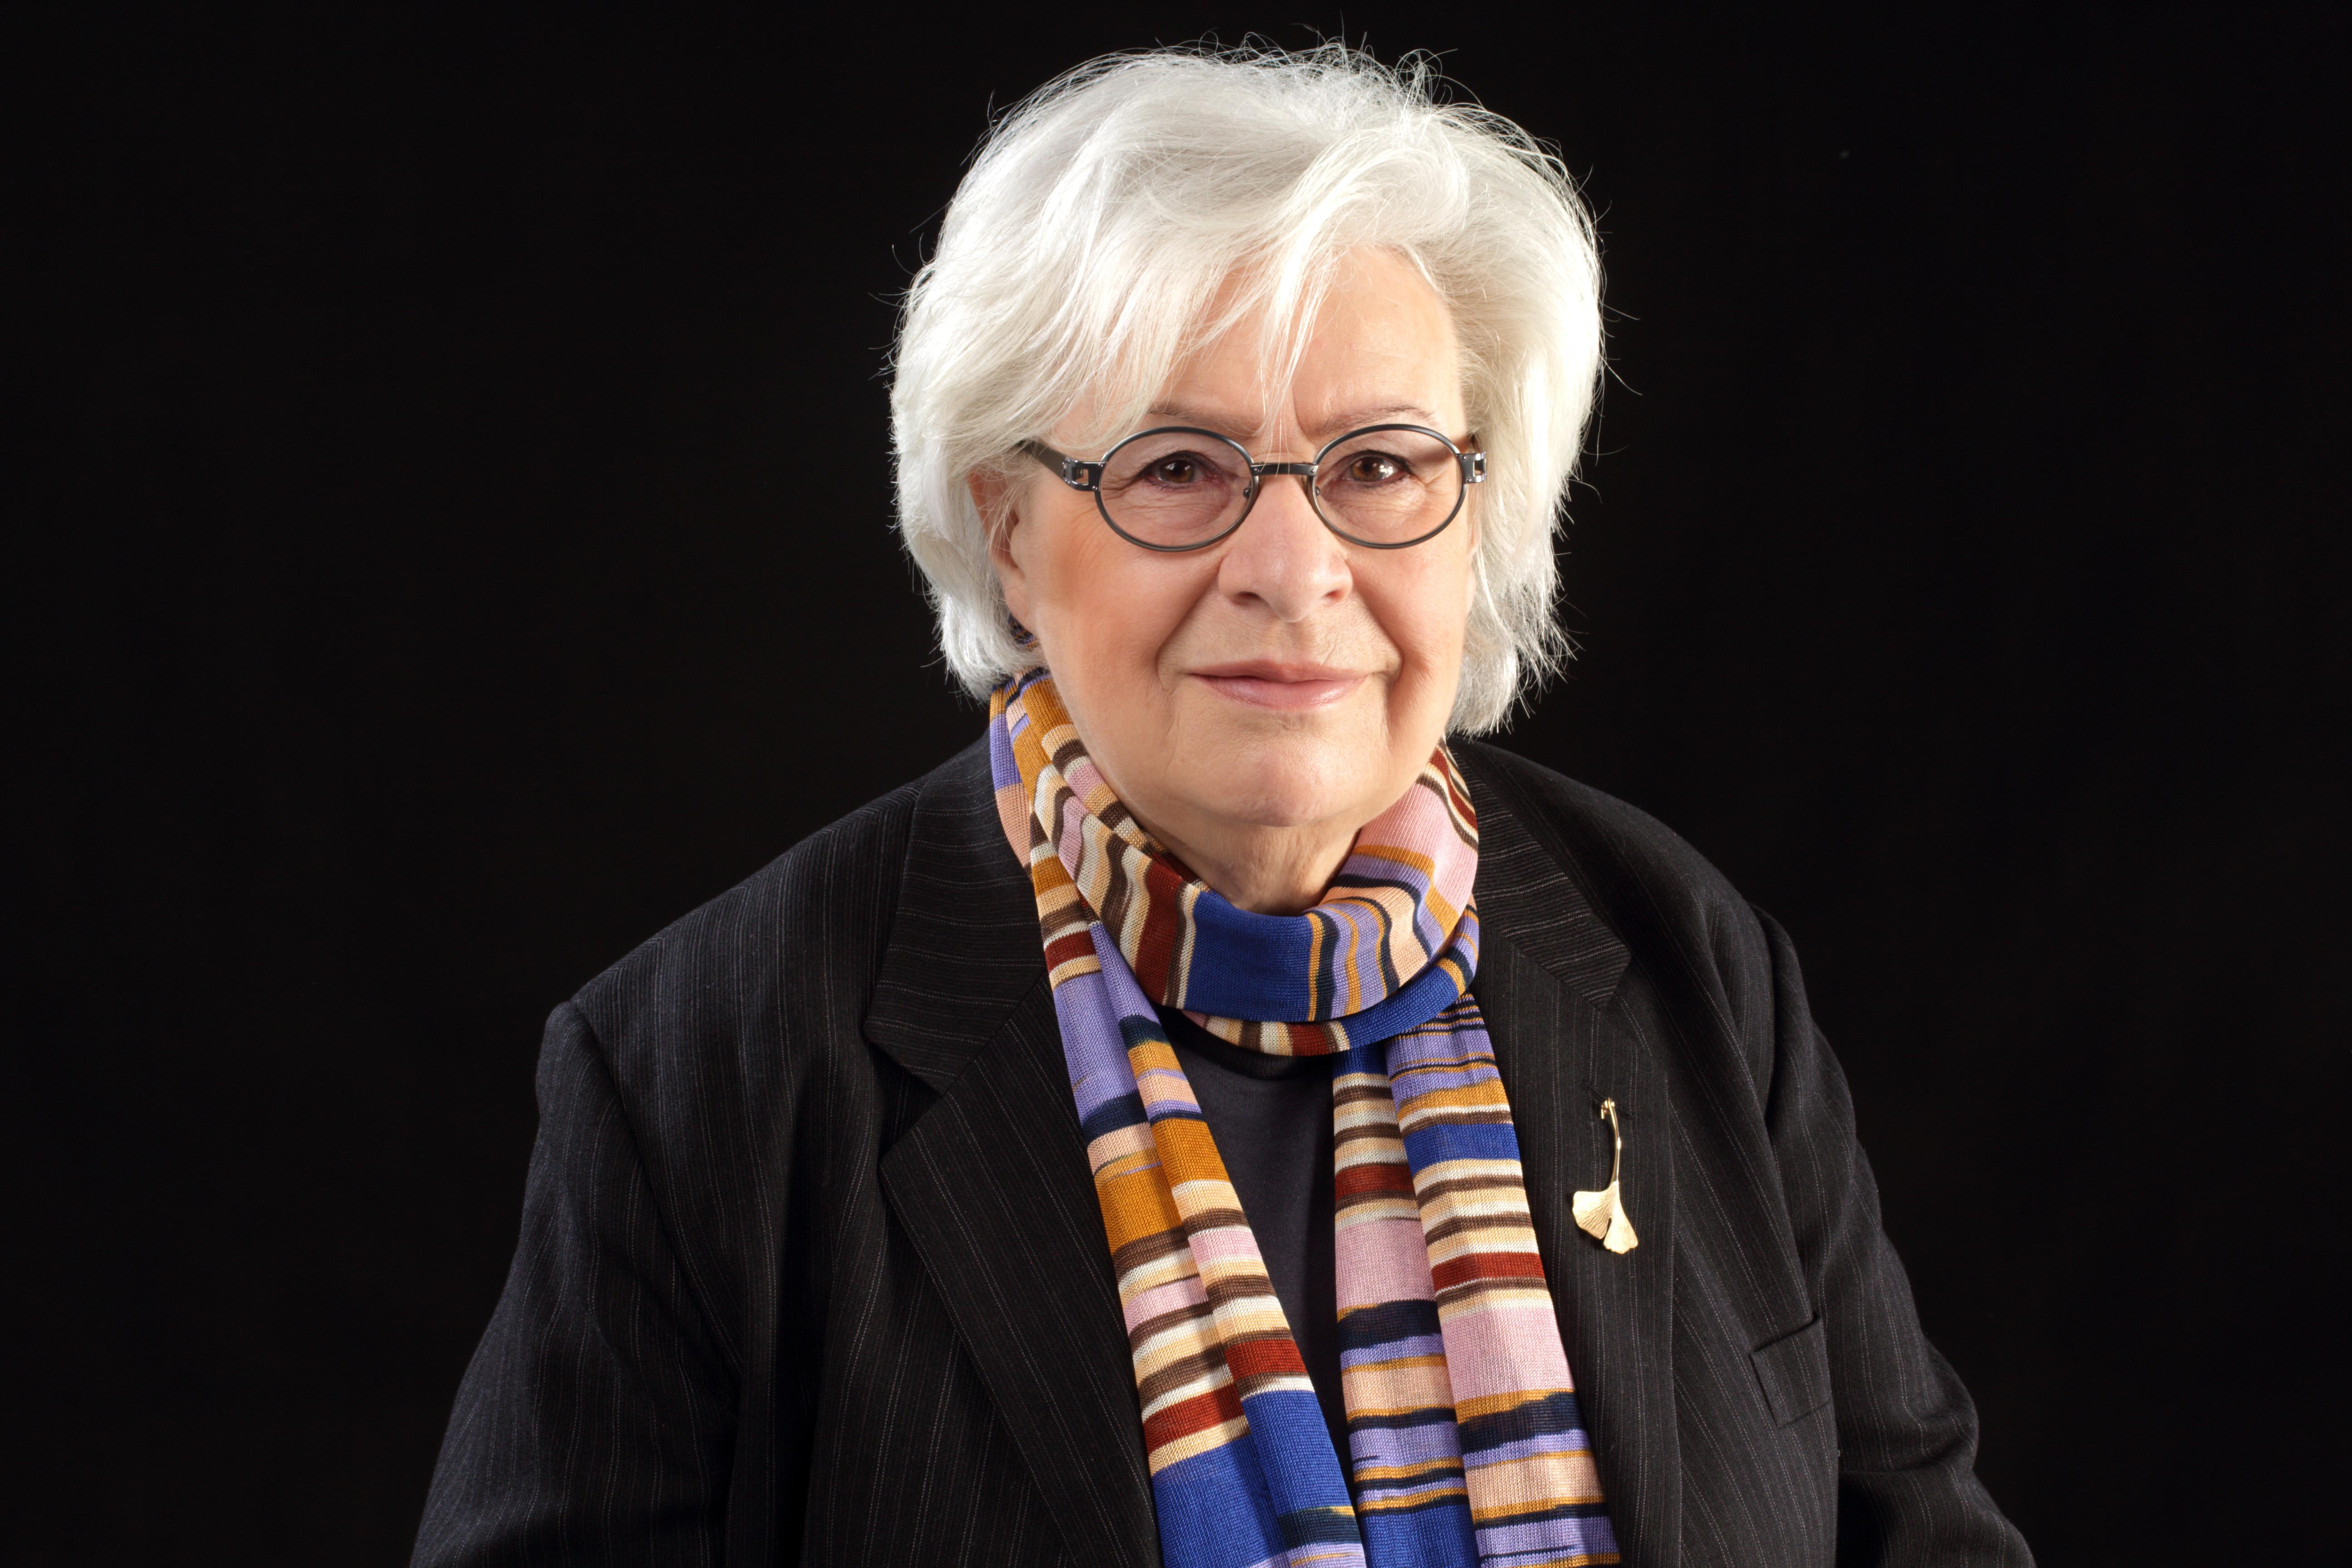 Sigrid Löffler